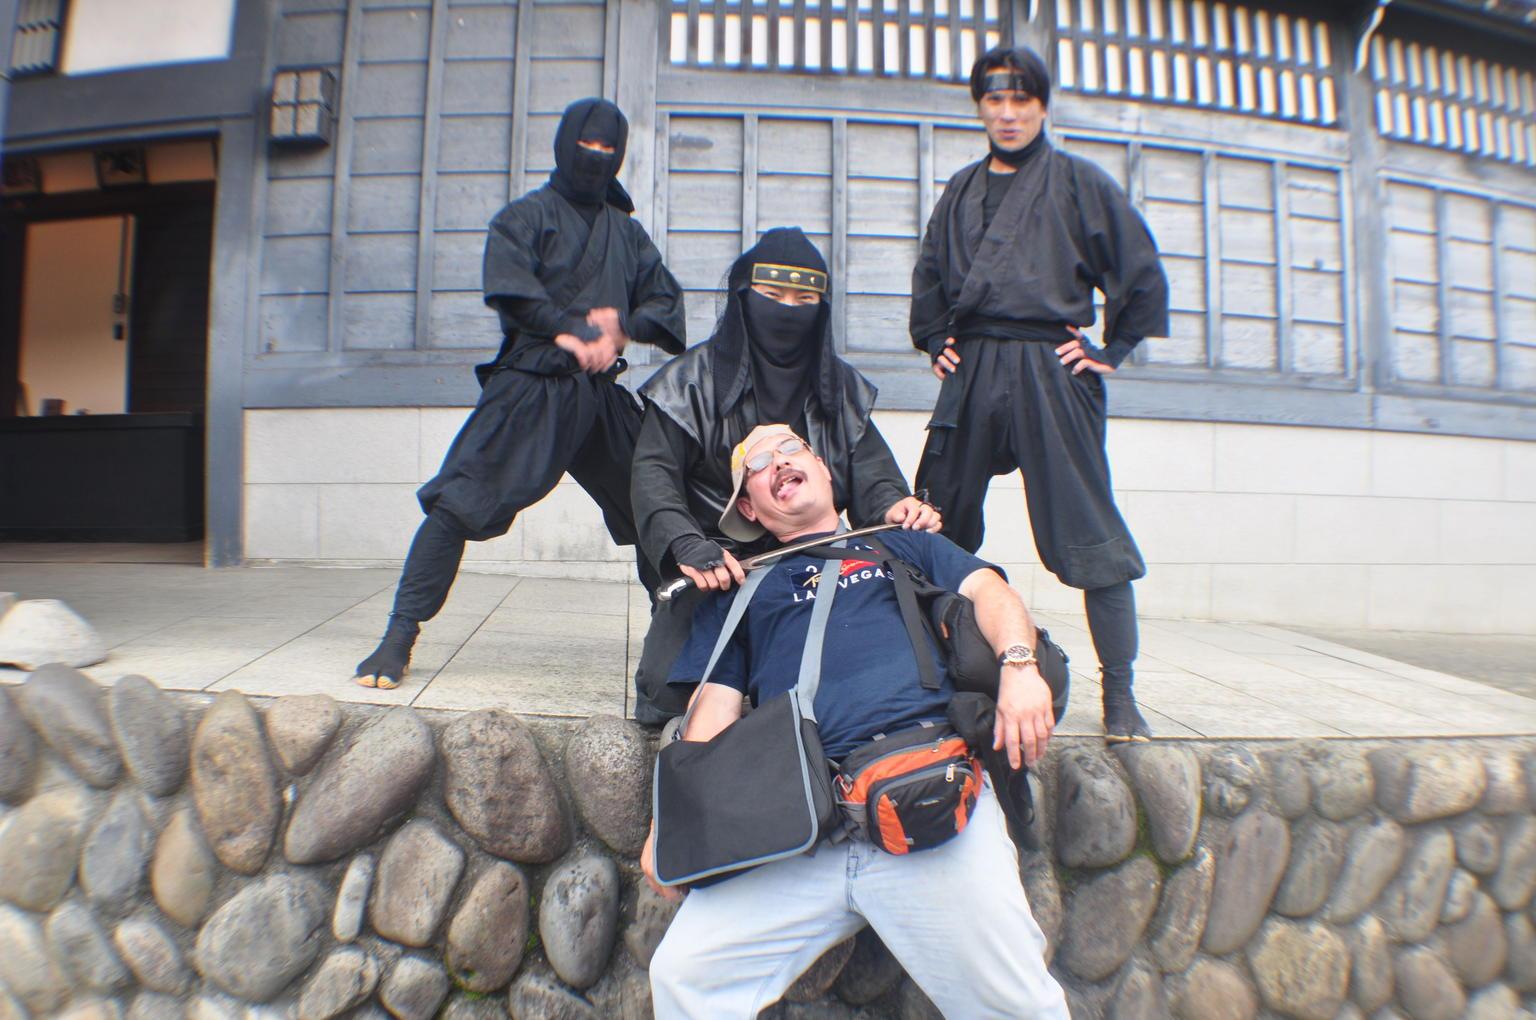 MÁS FOTOS, Recorrido de un día Nikko y Ninja: enclave Patrimonio de la Humanidad de Nikko Toshogu y el maravilloso mundo de Edo